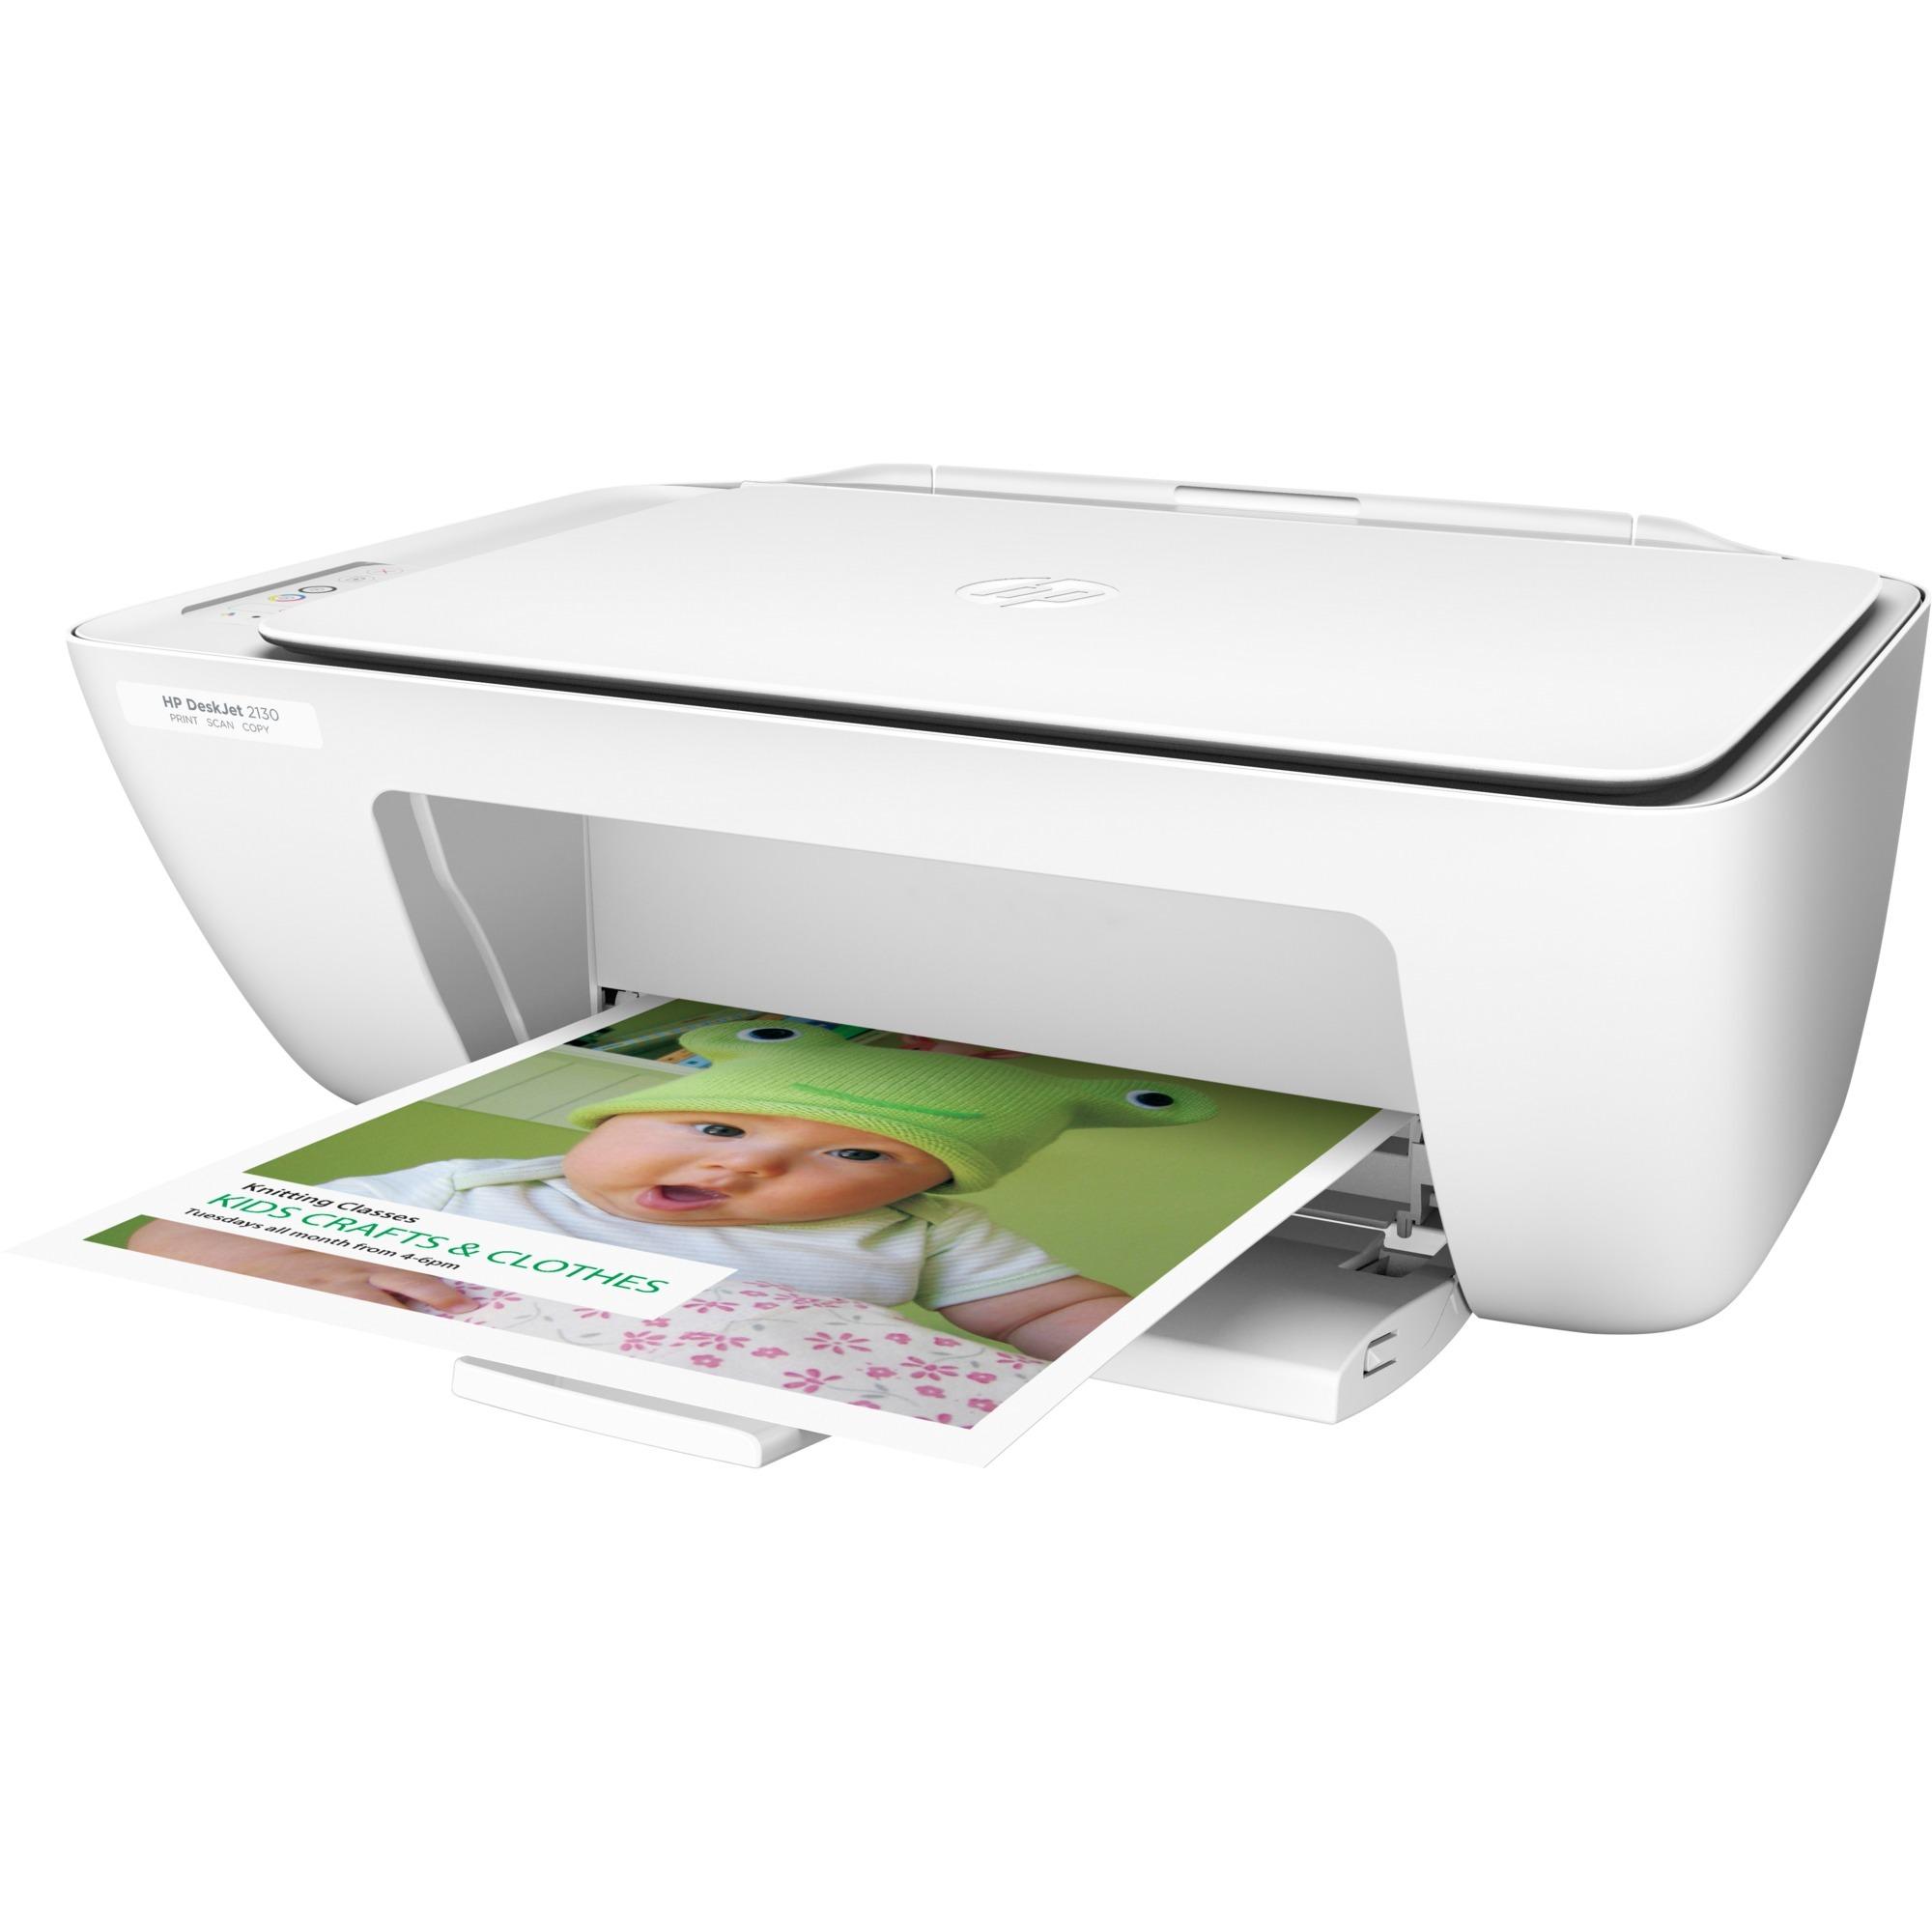 DeskJet Imprimante tout-en-un 2130, Imprimante multifonction